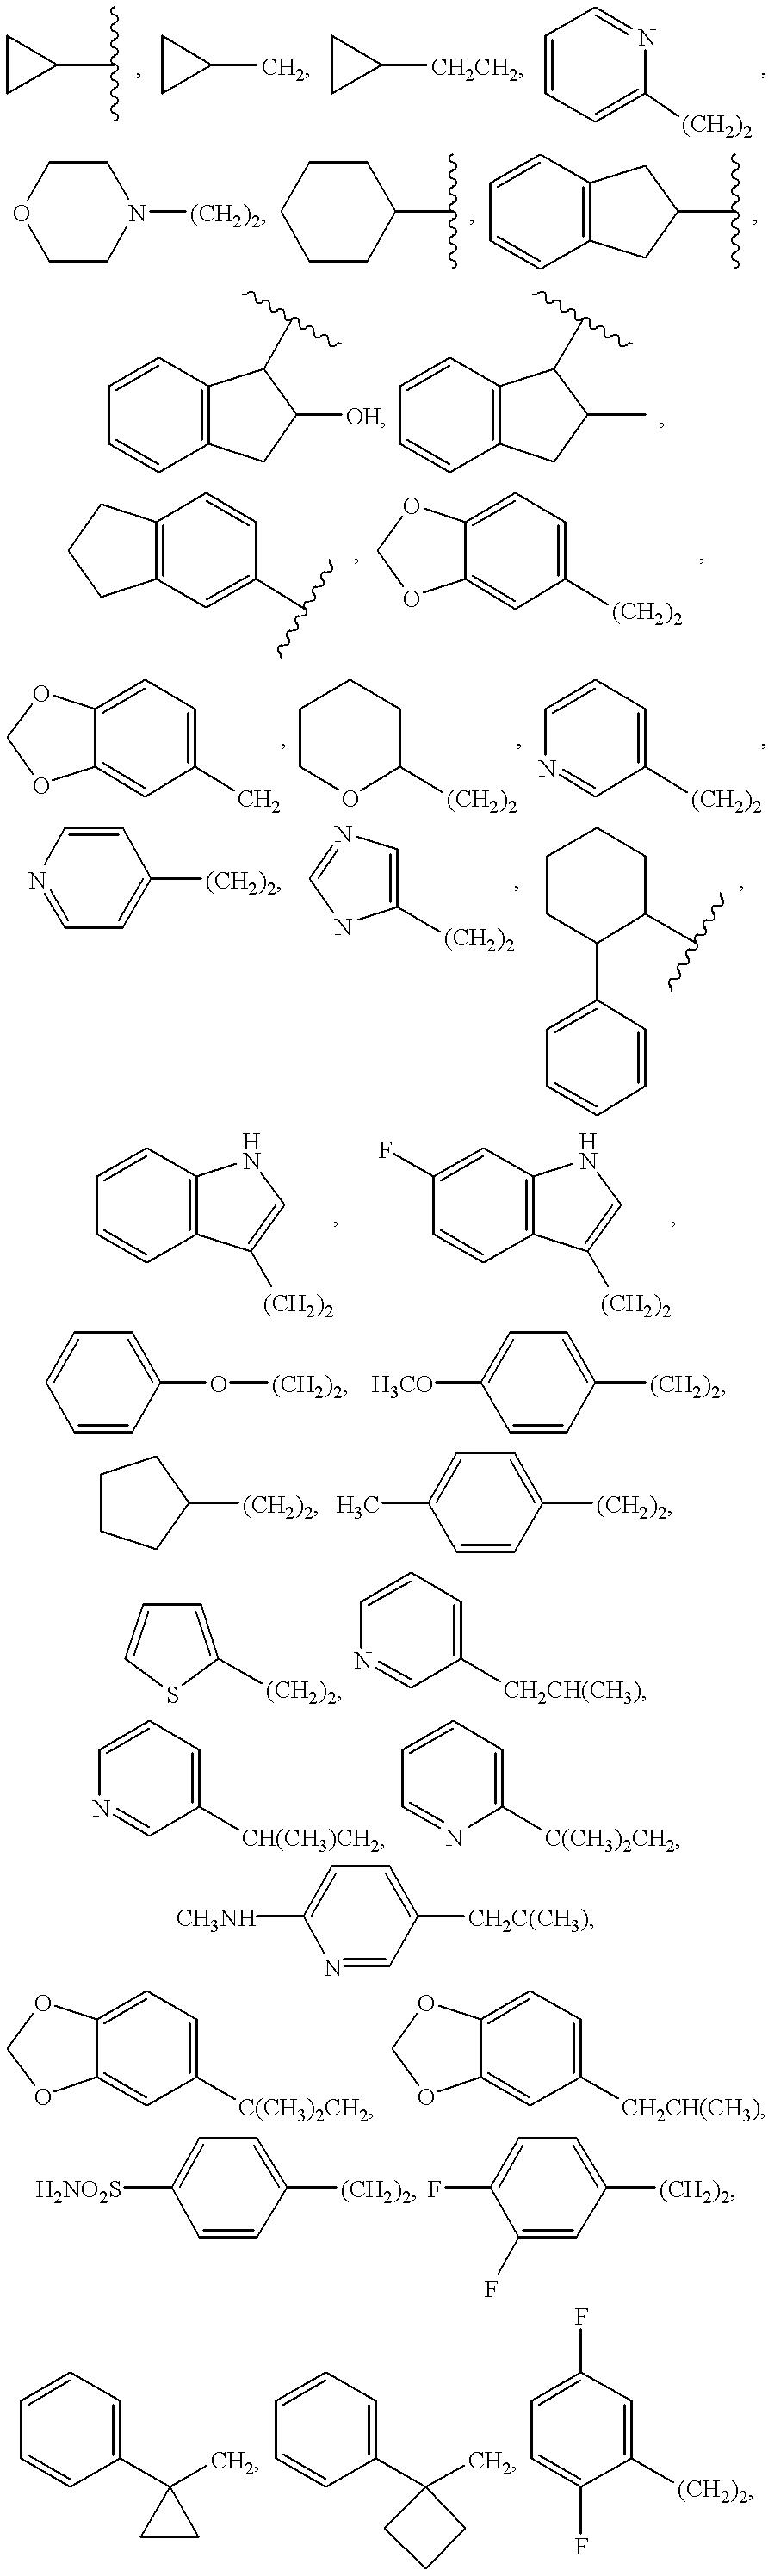 Figure US06204263-20010320-C00059